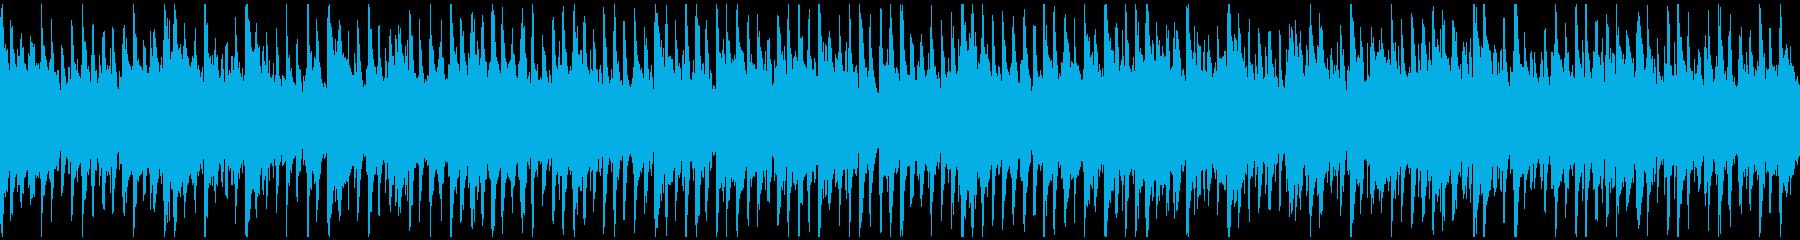 わくわく楽しいウクレレ、ハワイ※ループ版の再生済みの波形